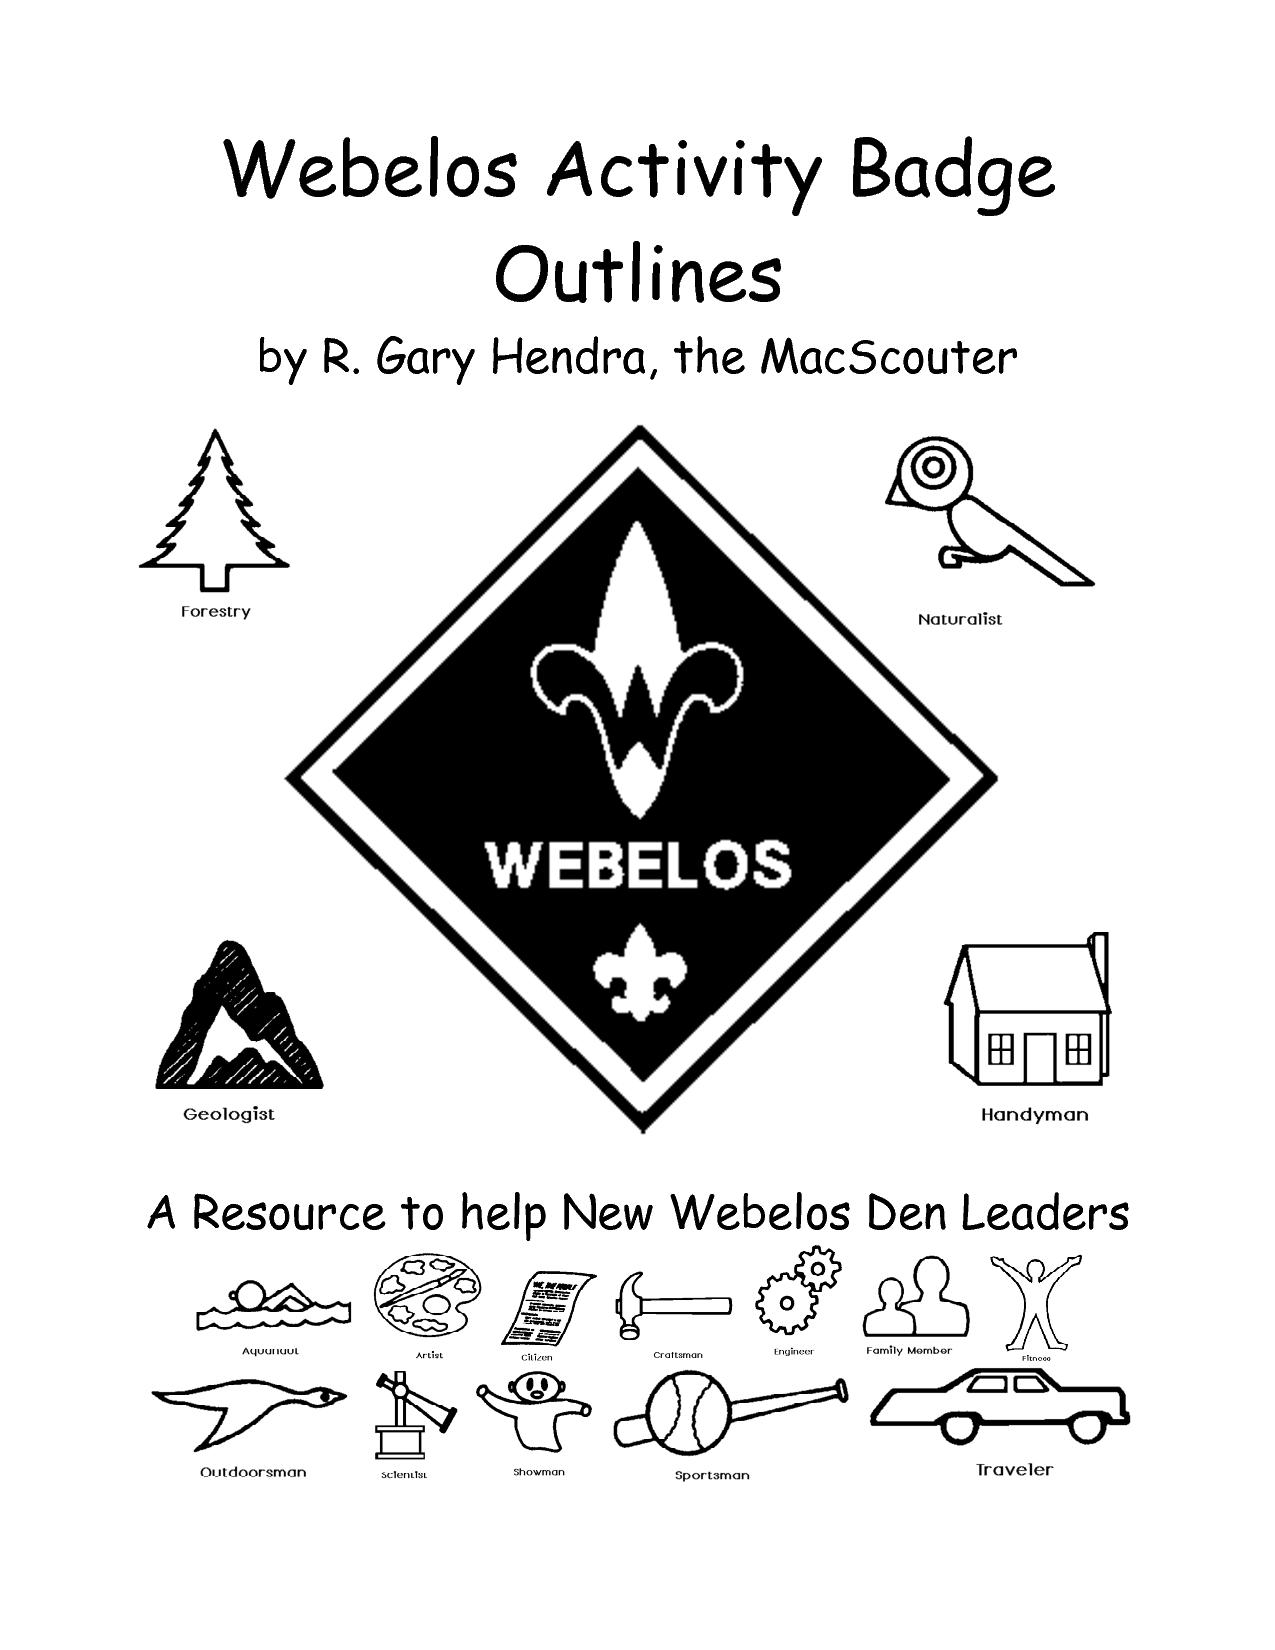 Worksheets Cub Scout Worksheets cub scout worksheets scouts webelos den leader cub